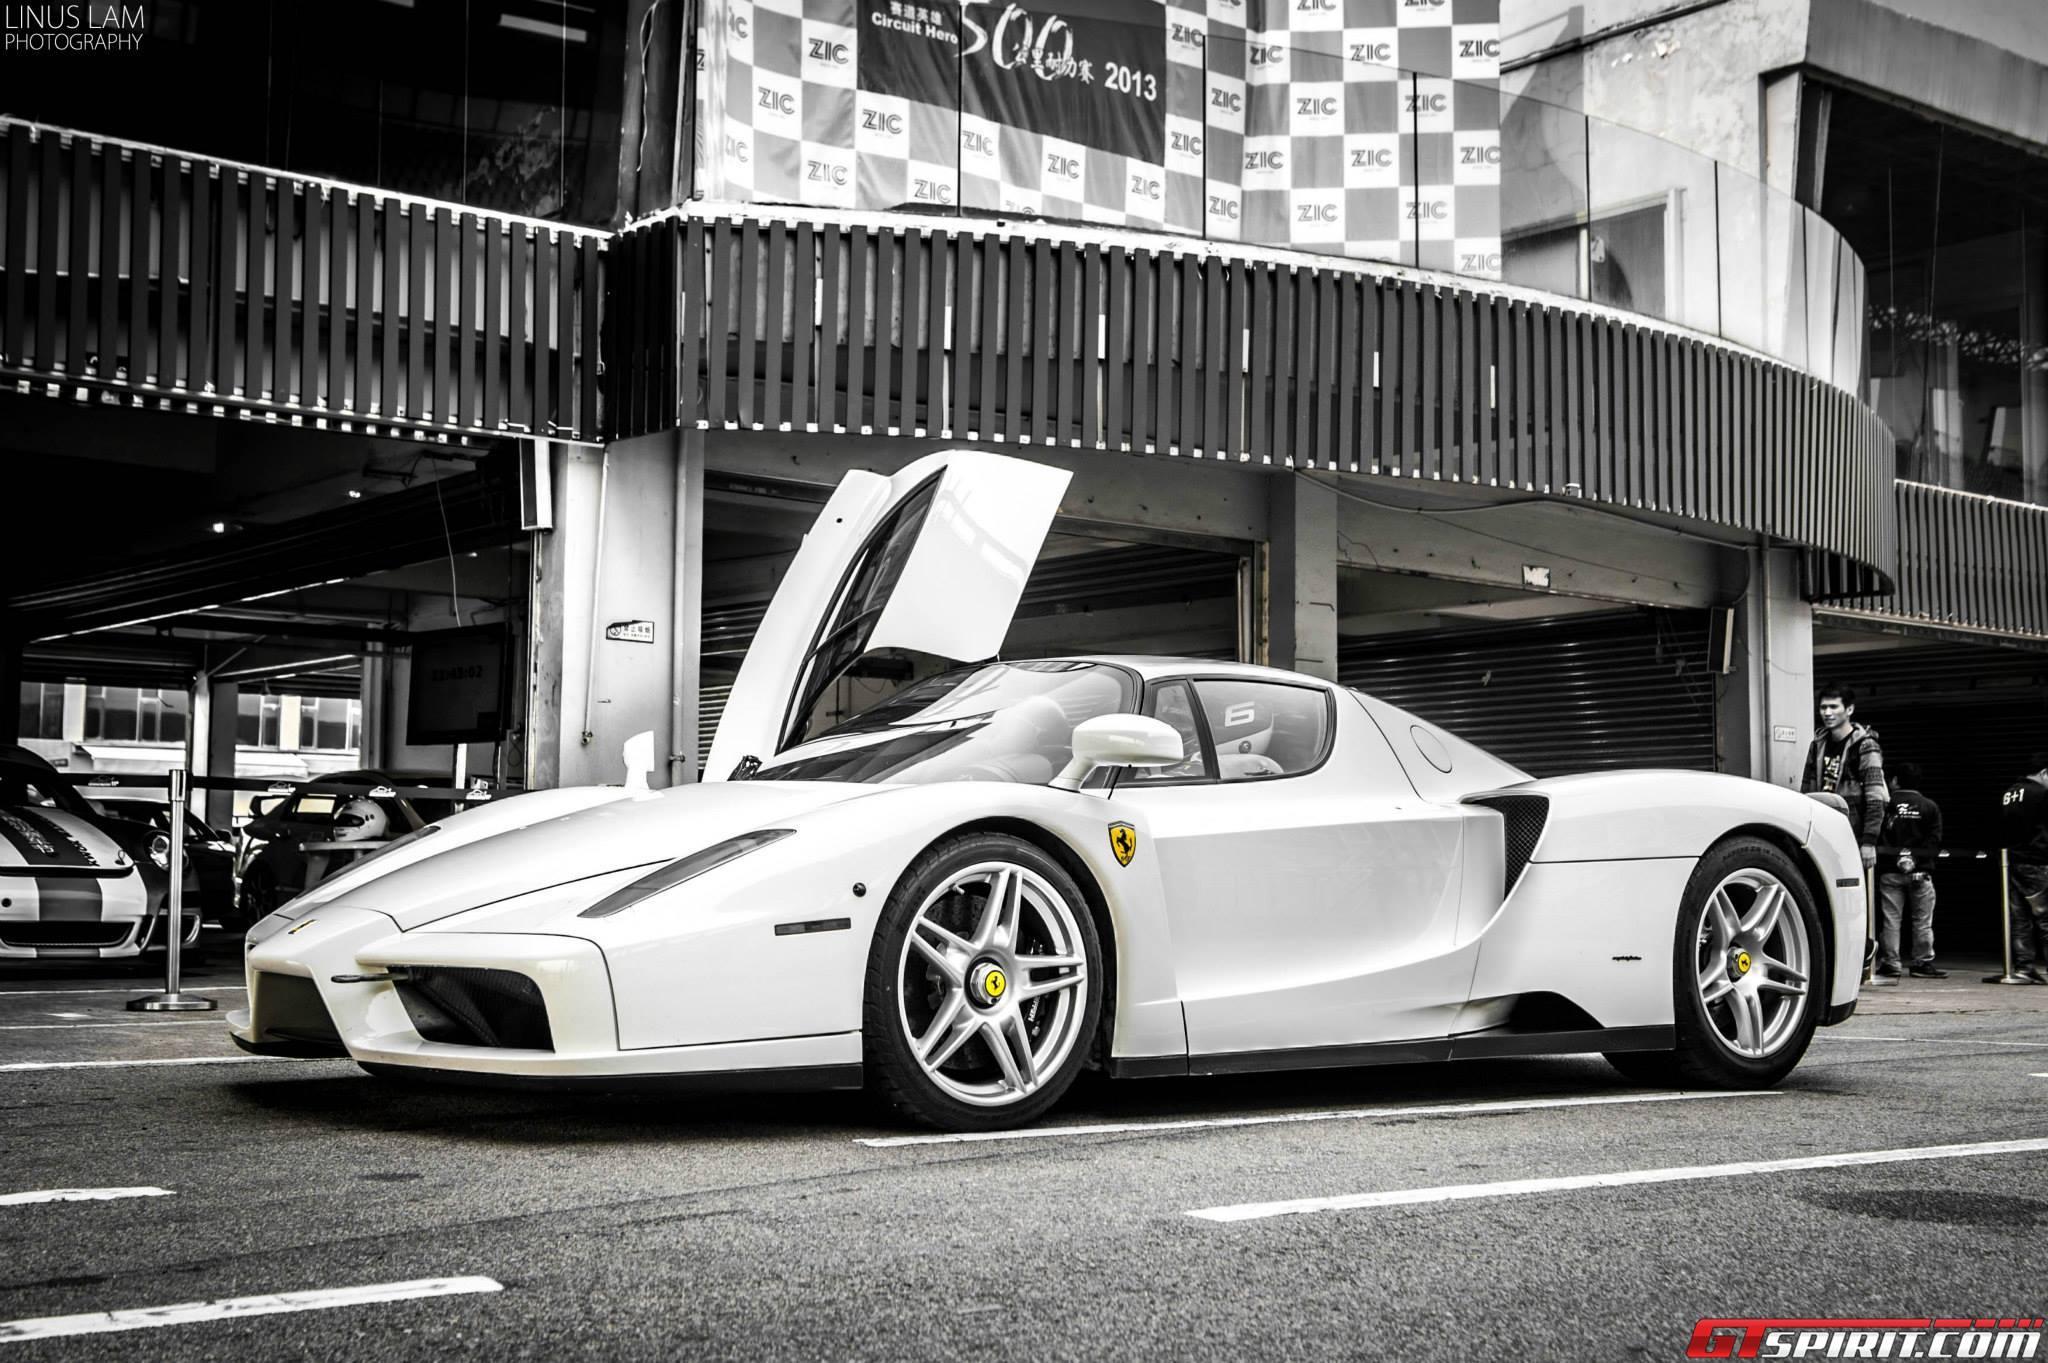 ferrari - Ferrari Enzo 2013 White